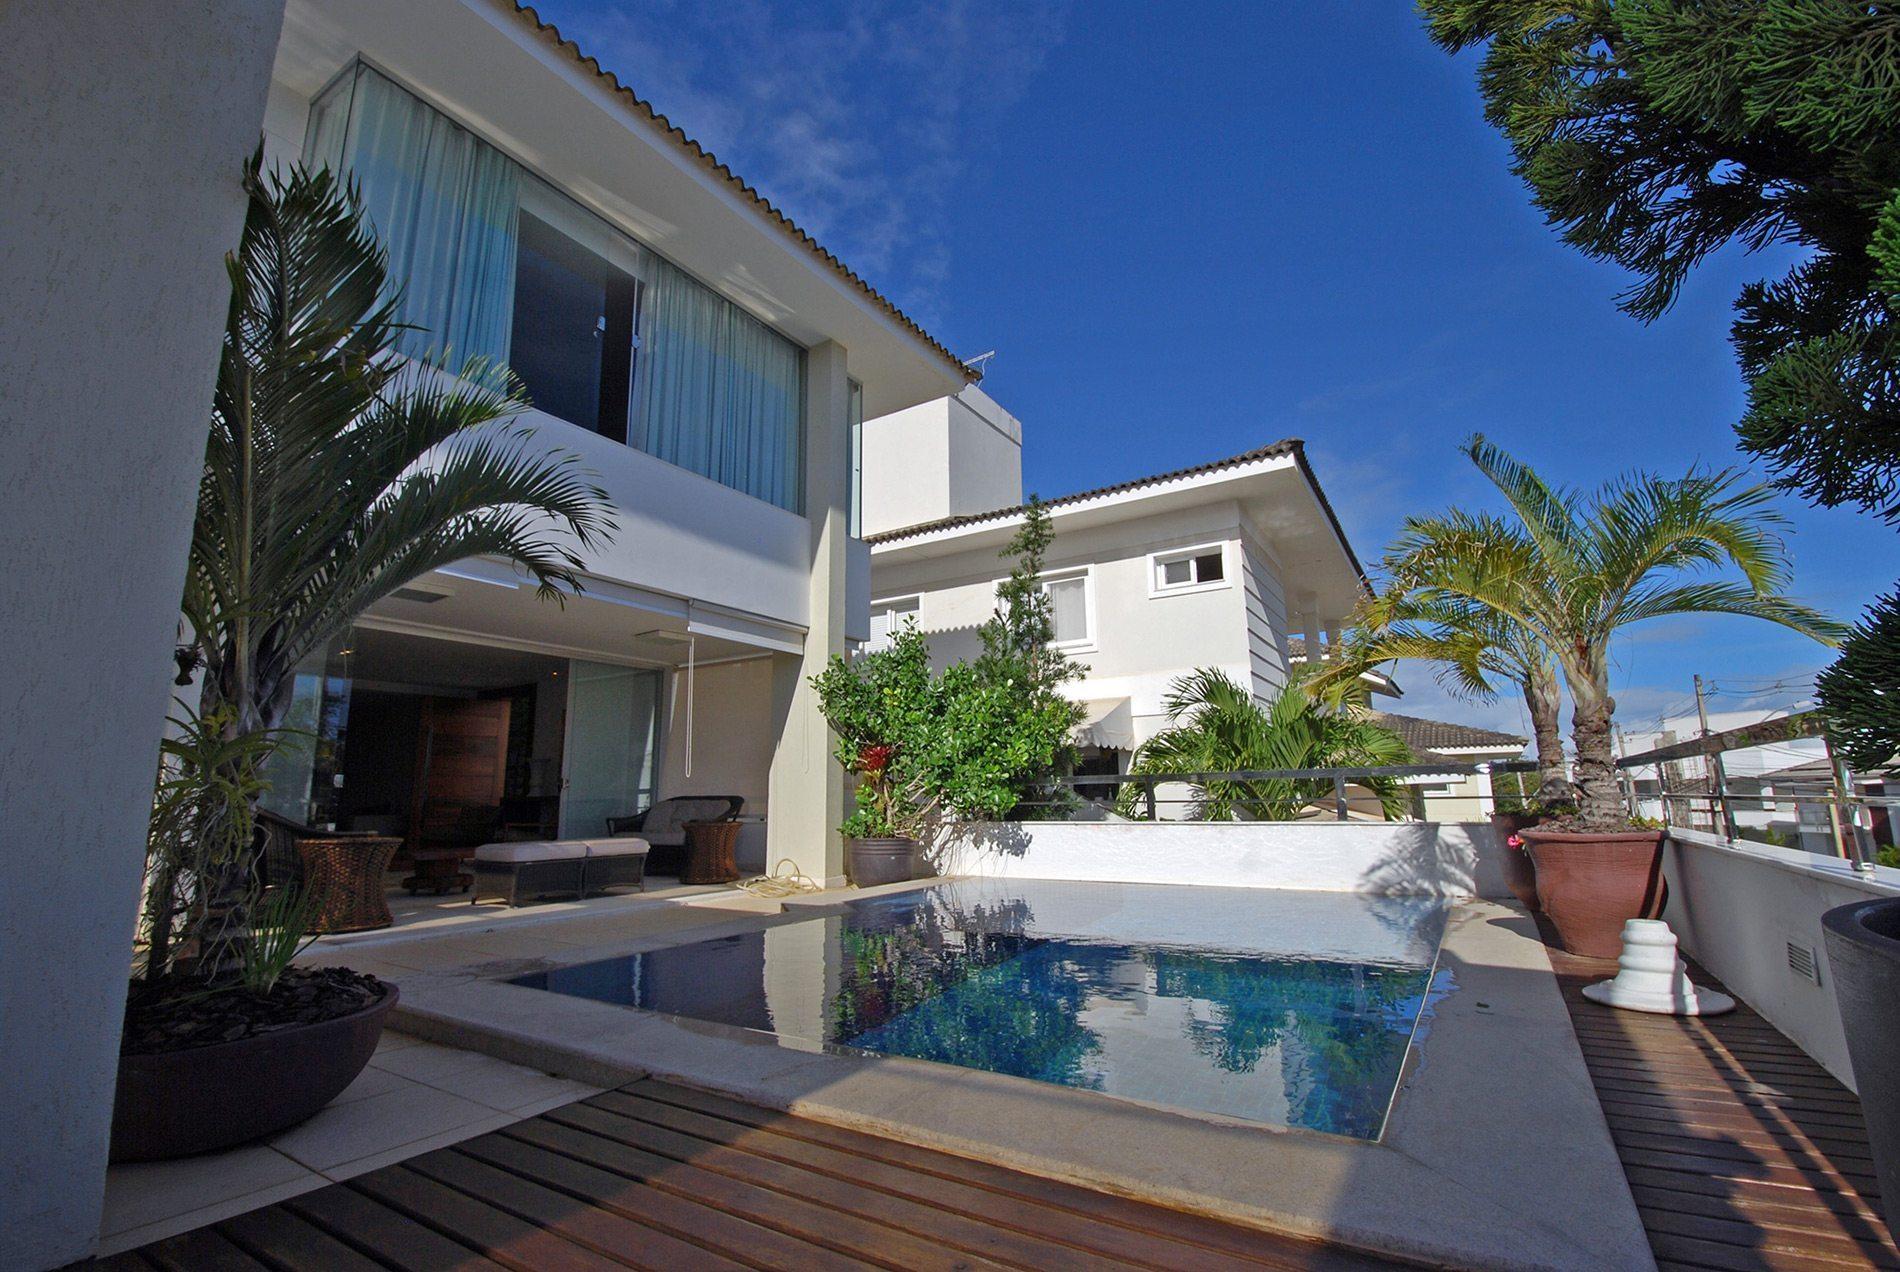 Luxury home for sale in Alphaville Paralela